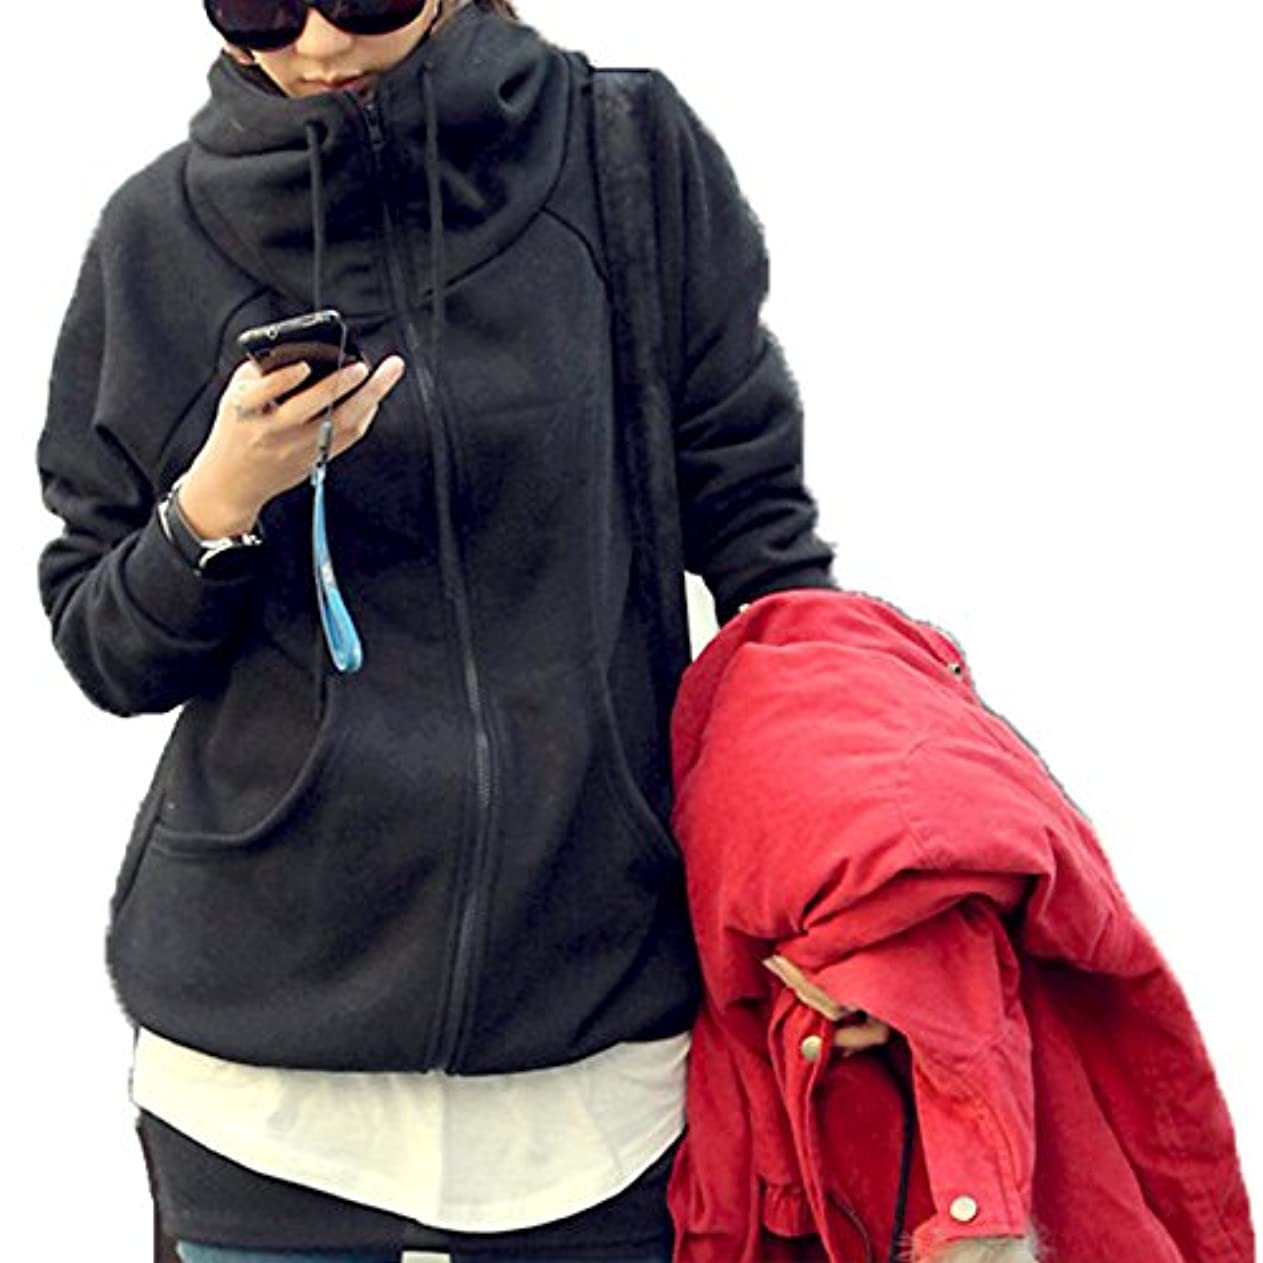 却下するベーカリービュッフェ[ココチエ] レディース パーカー シンプル ジップアップ 綿 フード かっこいい 長袖 おしゃれ カジュアル M L XL グレー ブラック